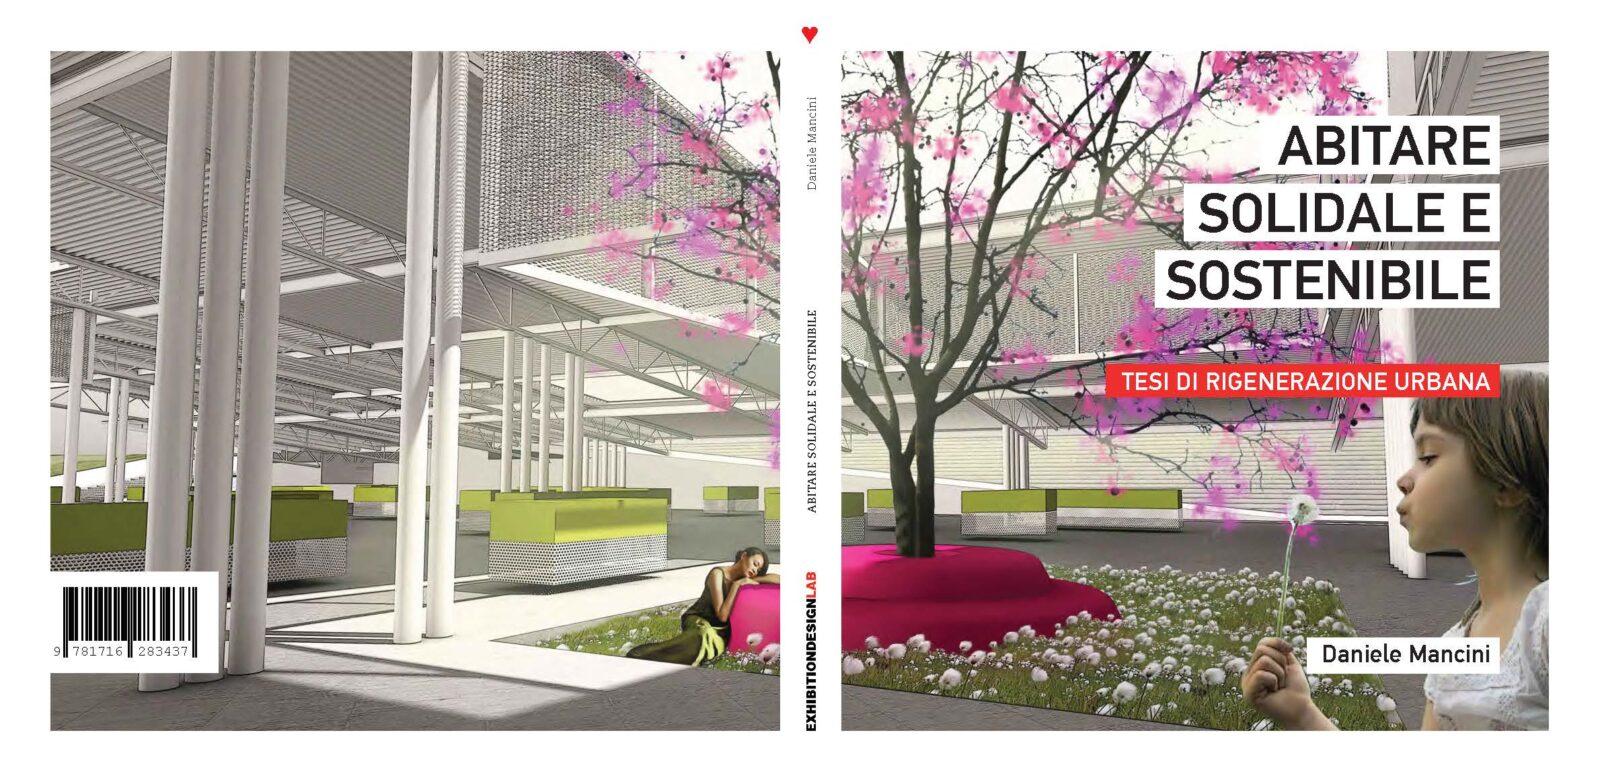 Copertina del libro Abitare solidale e sostenibile. Tsi di rigenerazione urbana